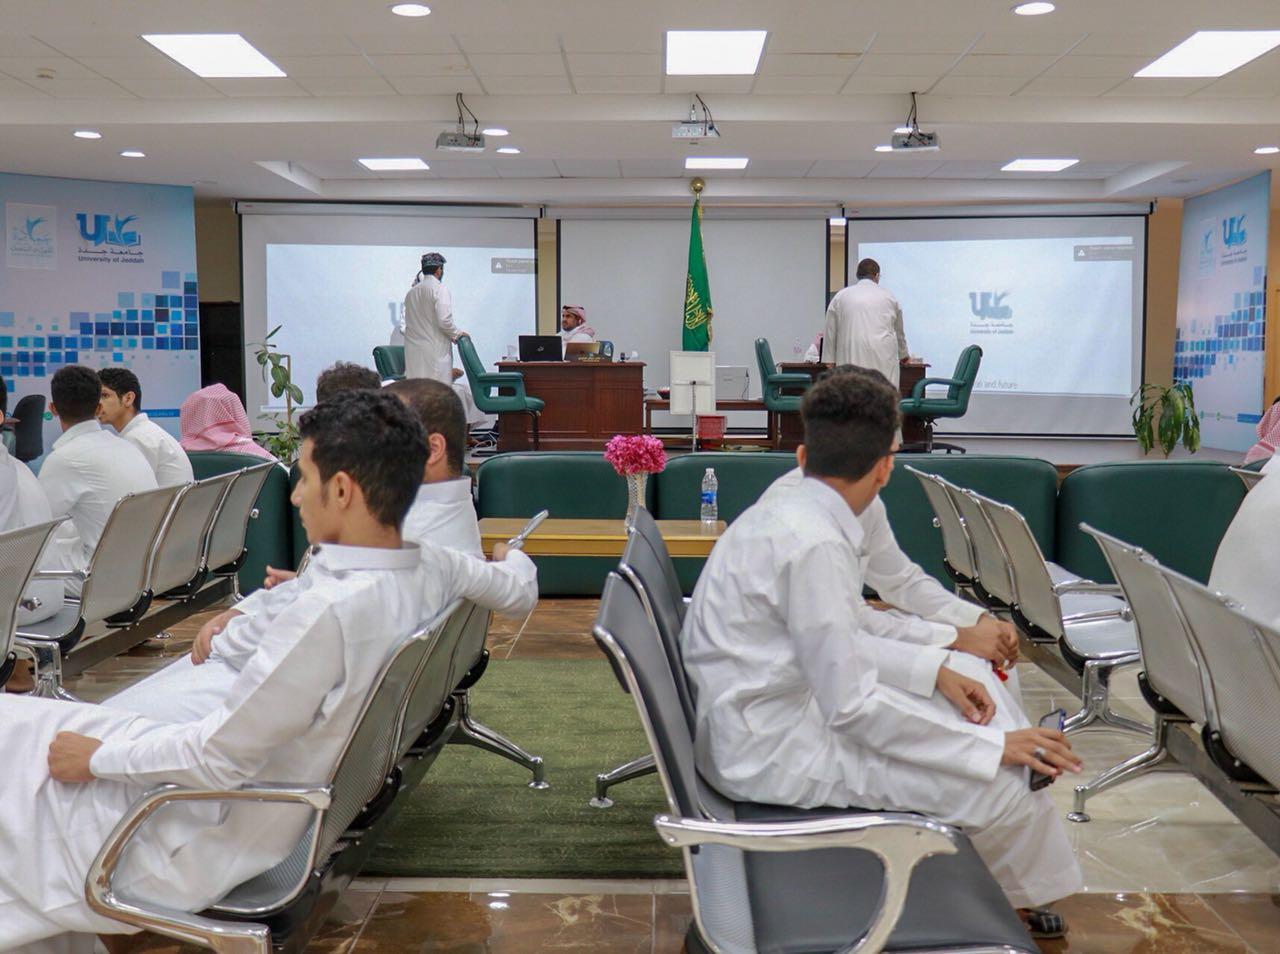 جامعة جدة جامعة جدة تبدأ العام الدراسي الجديد بـ 21050 طالبا